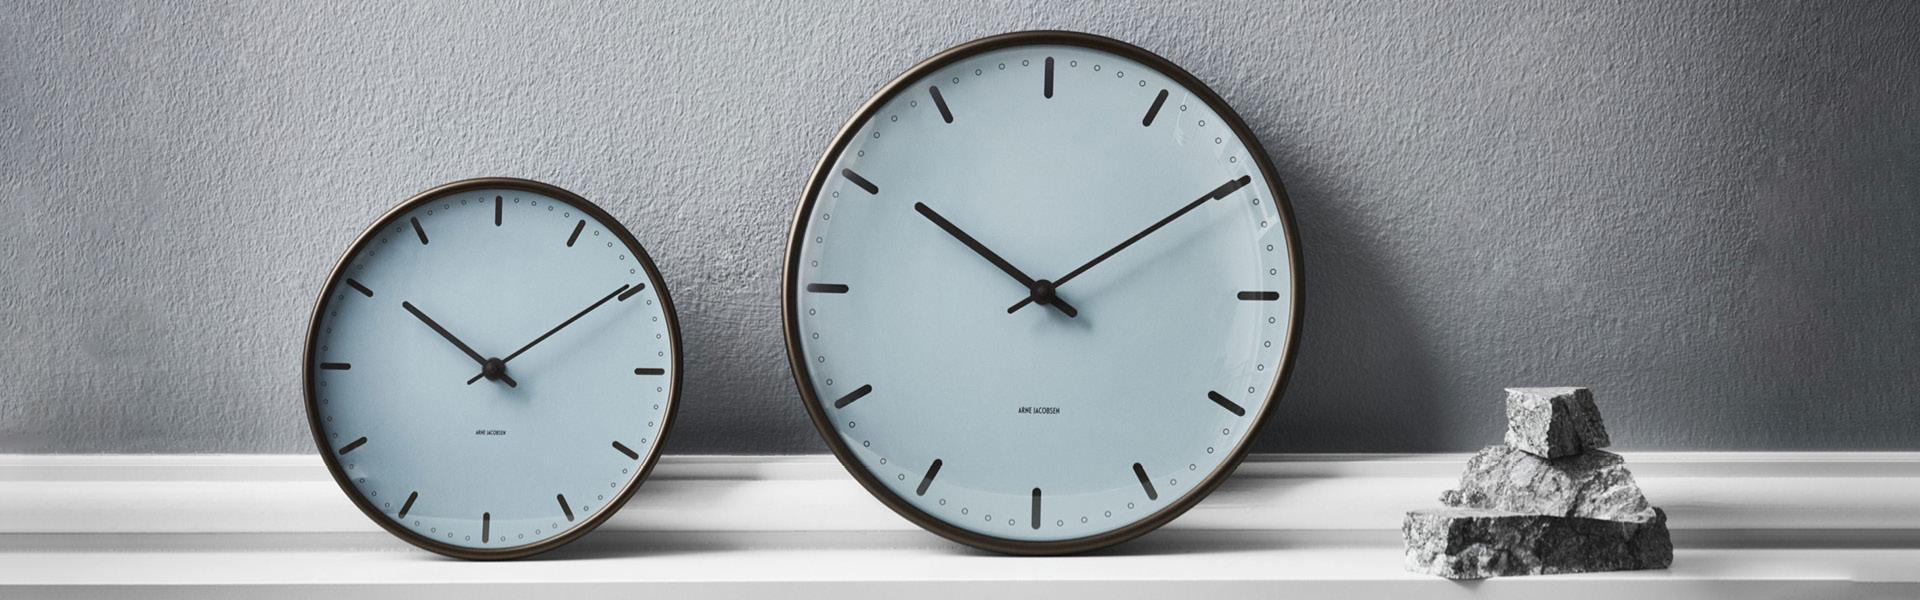 Arne-Jacobsen-klokker-02.jpg